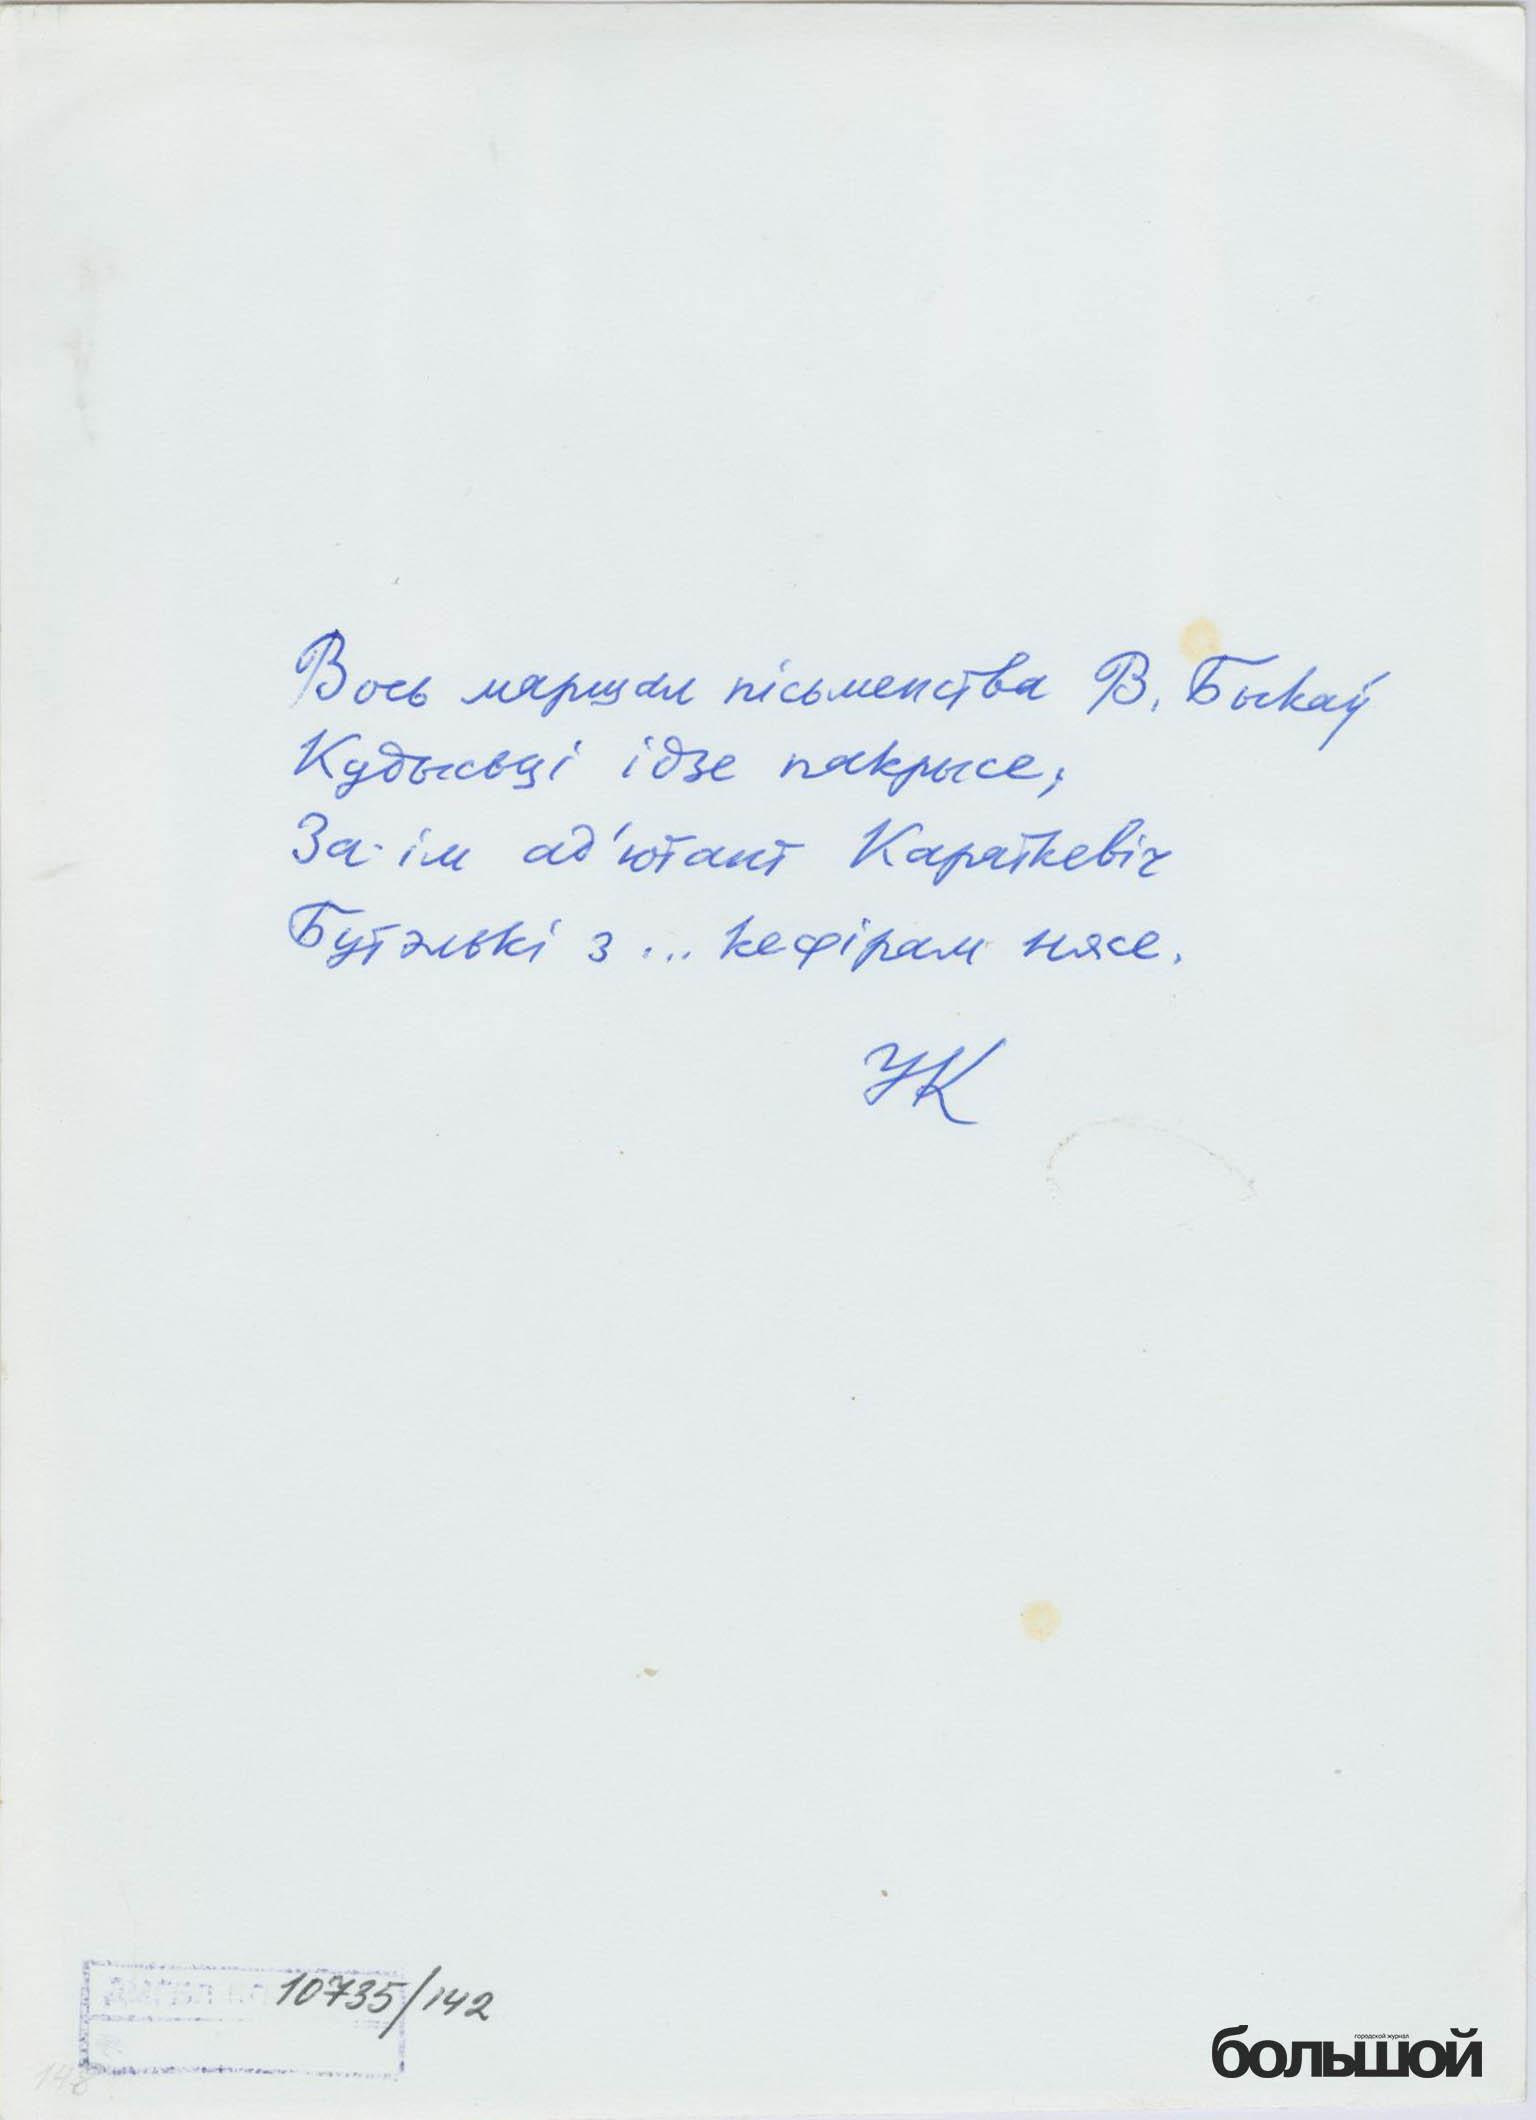 Вось маршал пісьменства Ў.Быкаў...